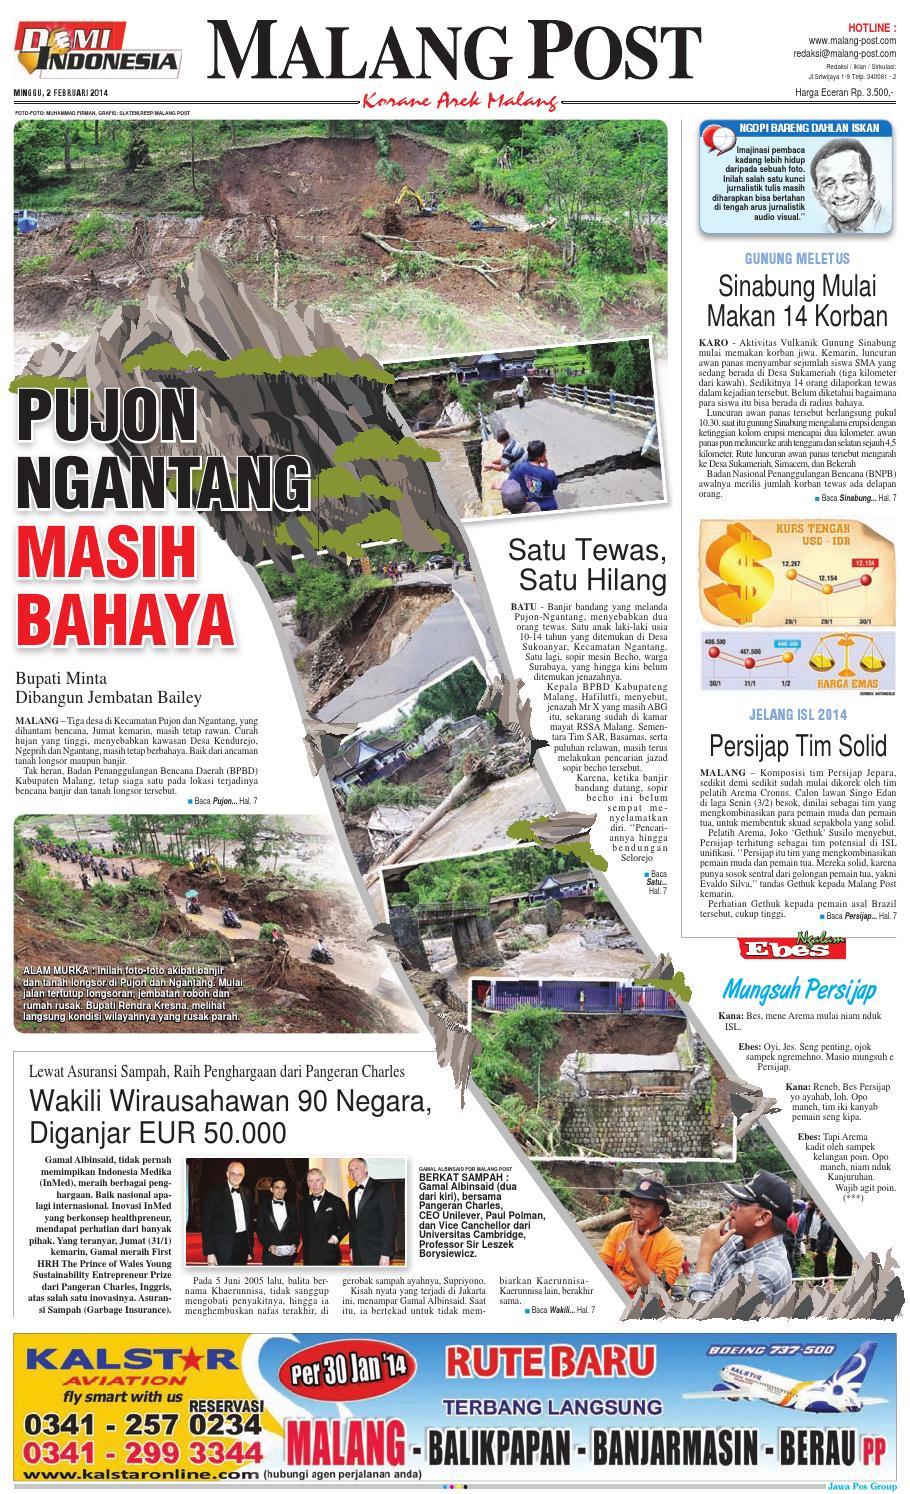 Mp0202 By Mpost Issuu Rkb Bni Tegal Kranjang Buah Nur Fashion And Art